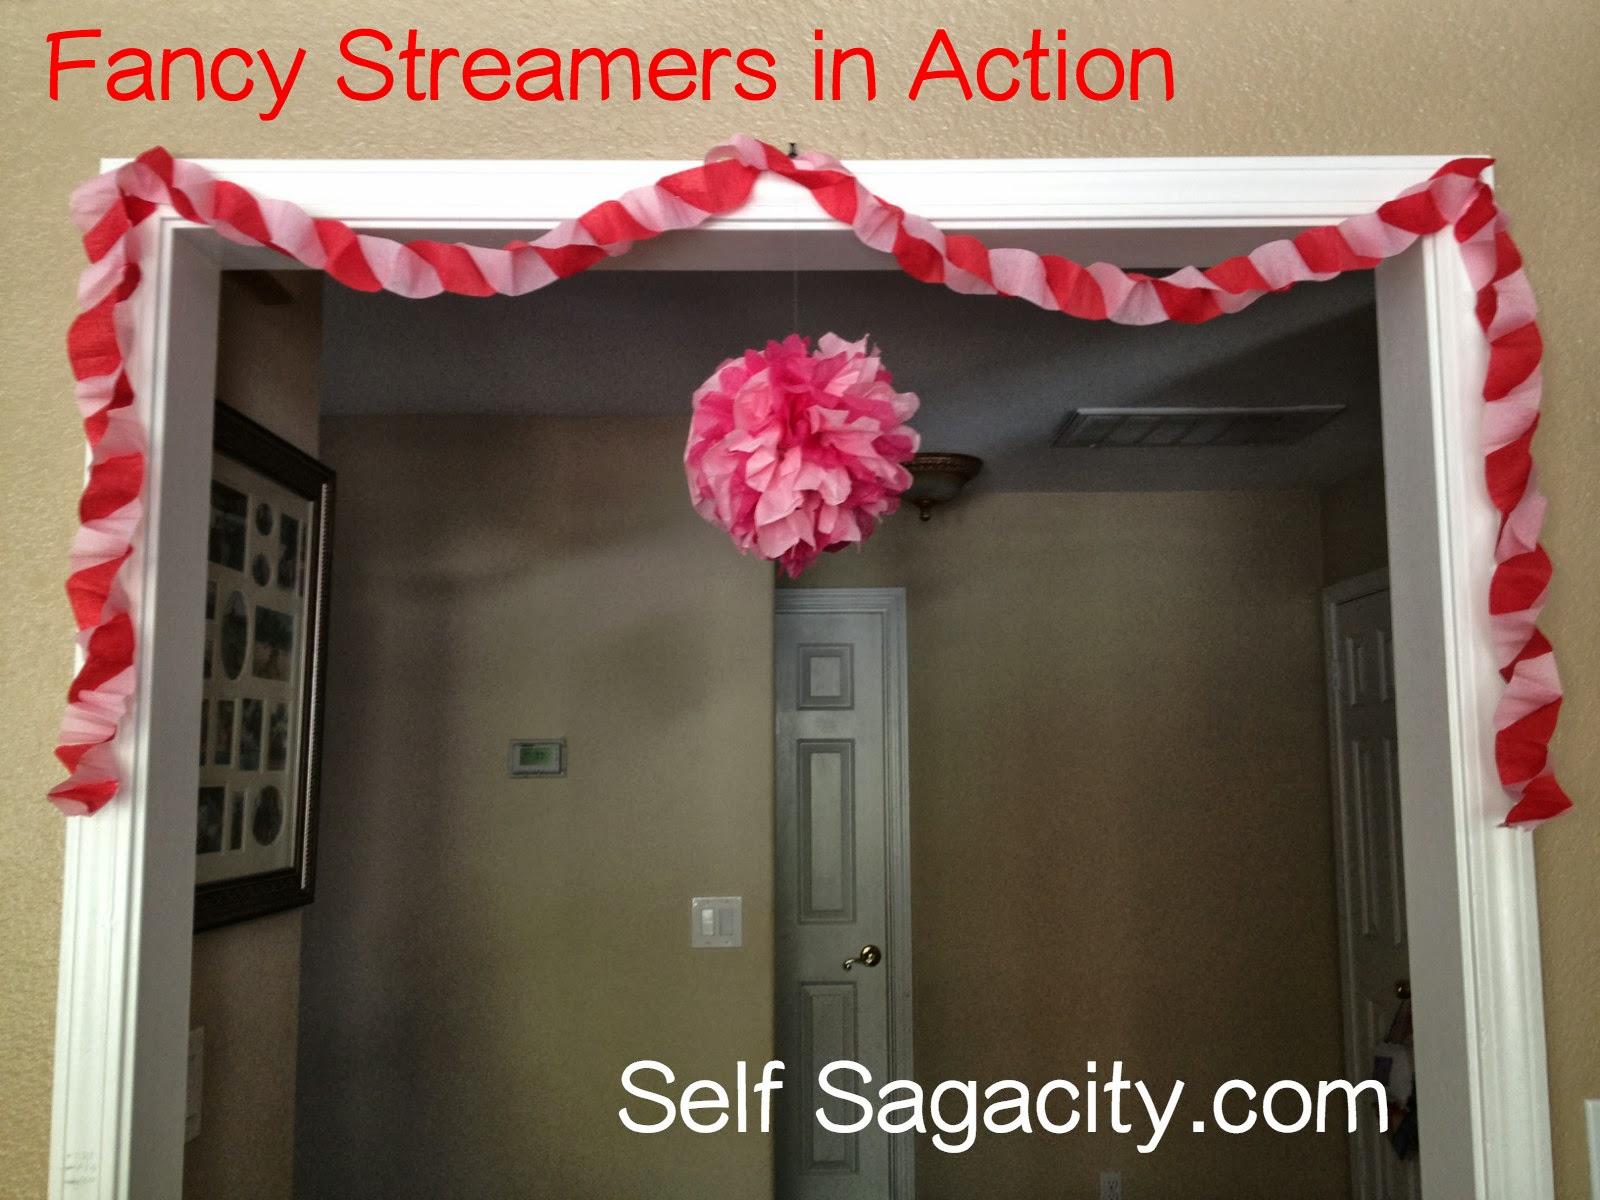 ... paper streamer garland hung on door way & How to Make Fancy Paper Streamer Garland - Thursday Two Questions ...